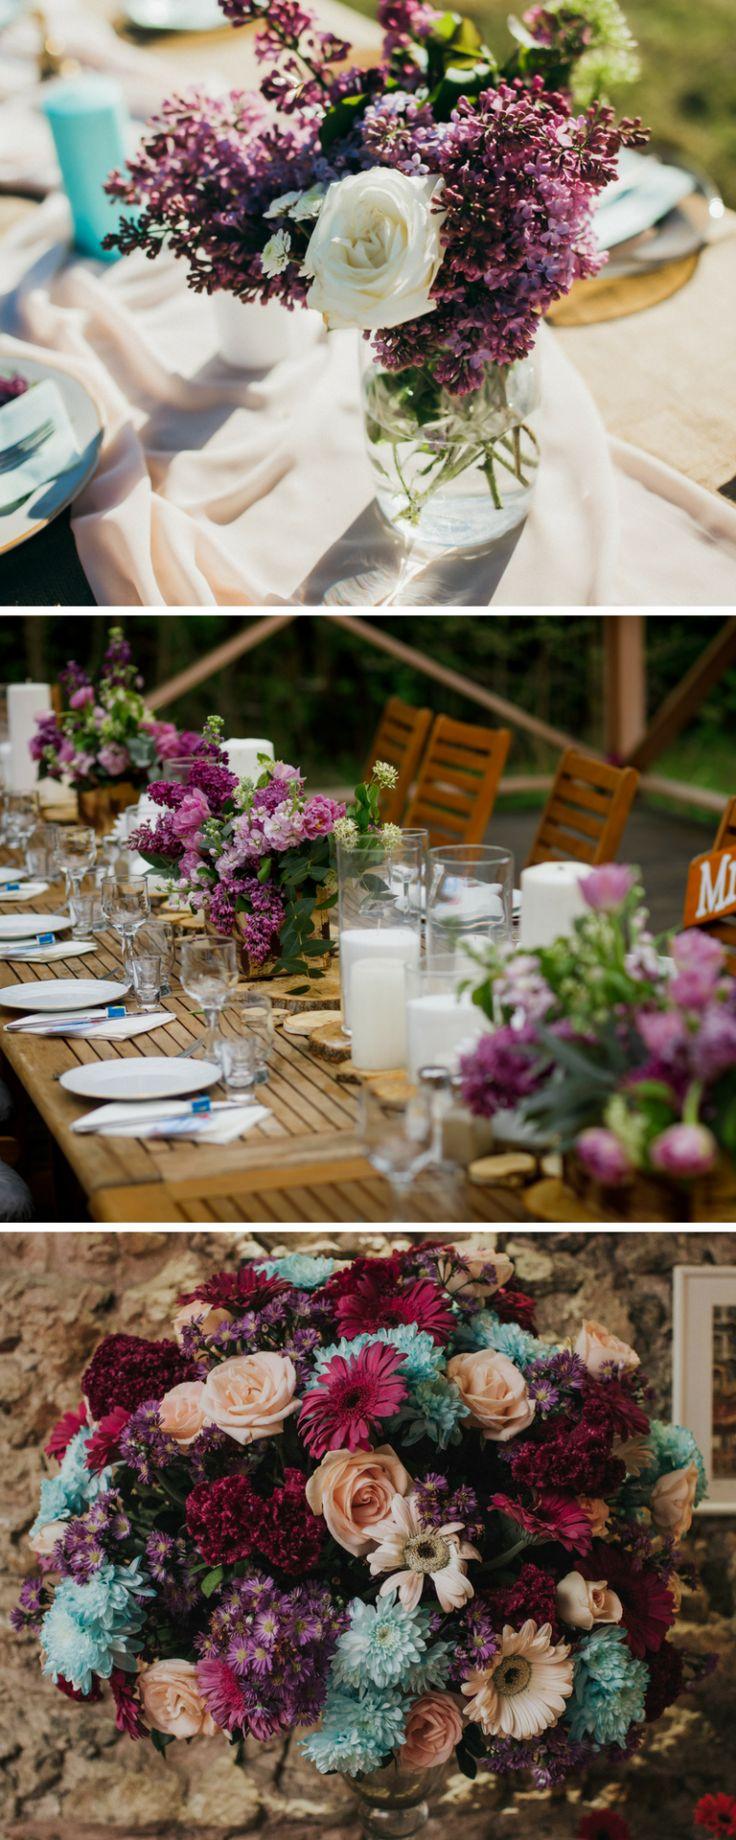 Edle Beerentöne: 45 Inspirationen für die Hochzeit